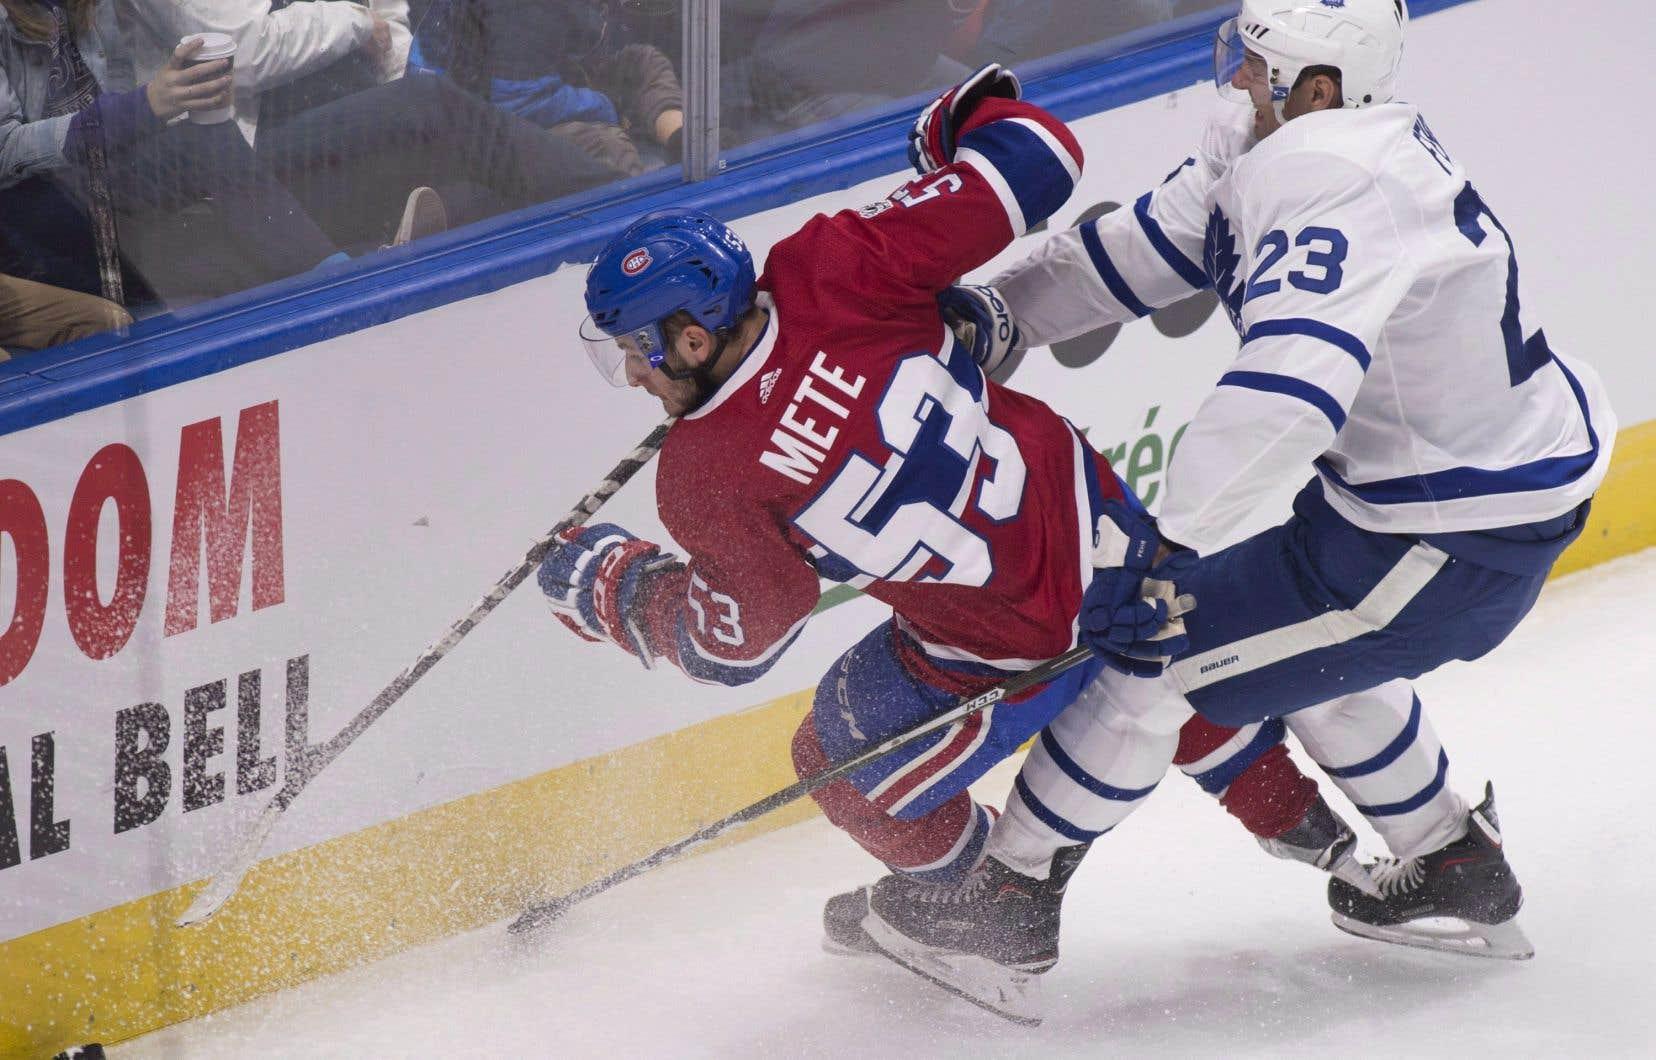 Le défenseur recrue Victor Mete trébuche lors d'un match de pré-saison contre les Maple Leafs de Toronto, le 27 septembre dernier.